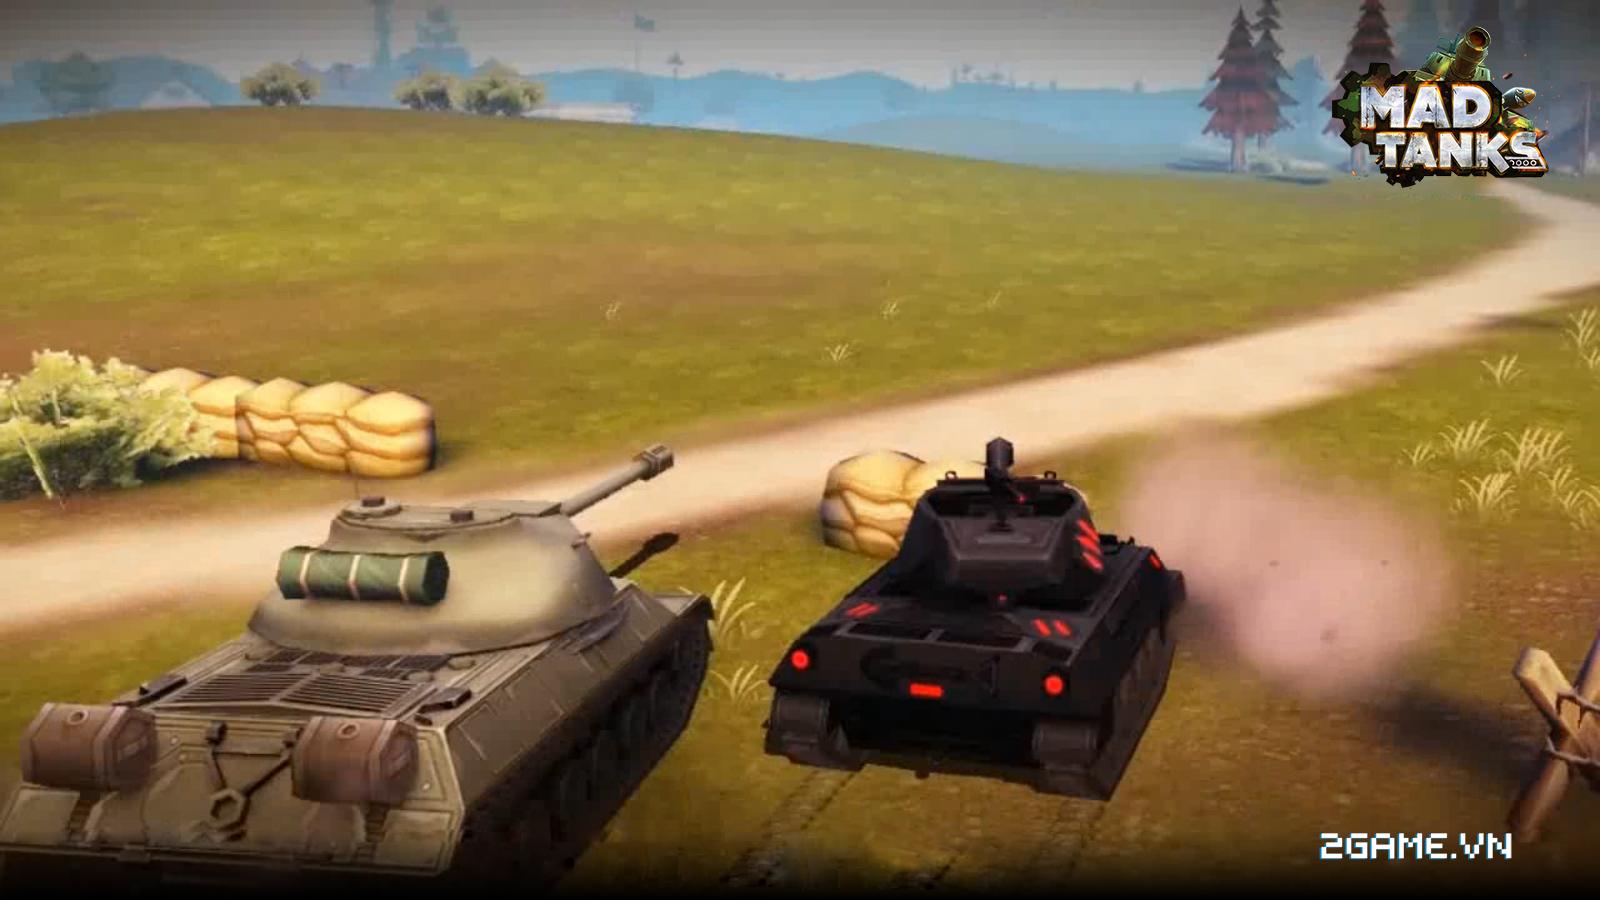 2game_webgame_mad_tanks_ra_mat_tai_viet_nam_2.jpg (1600×900)